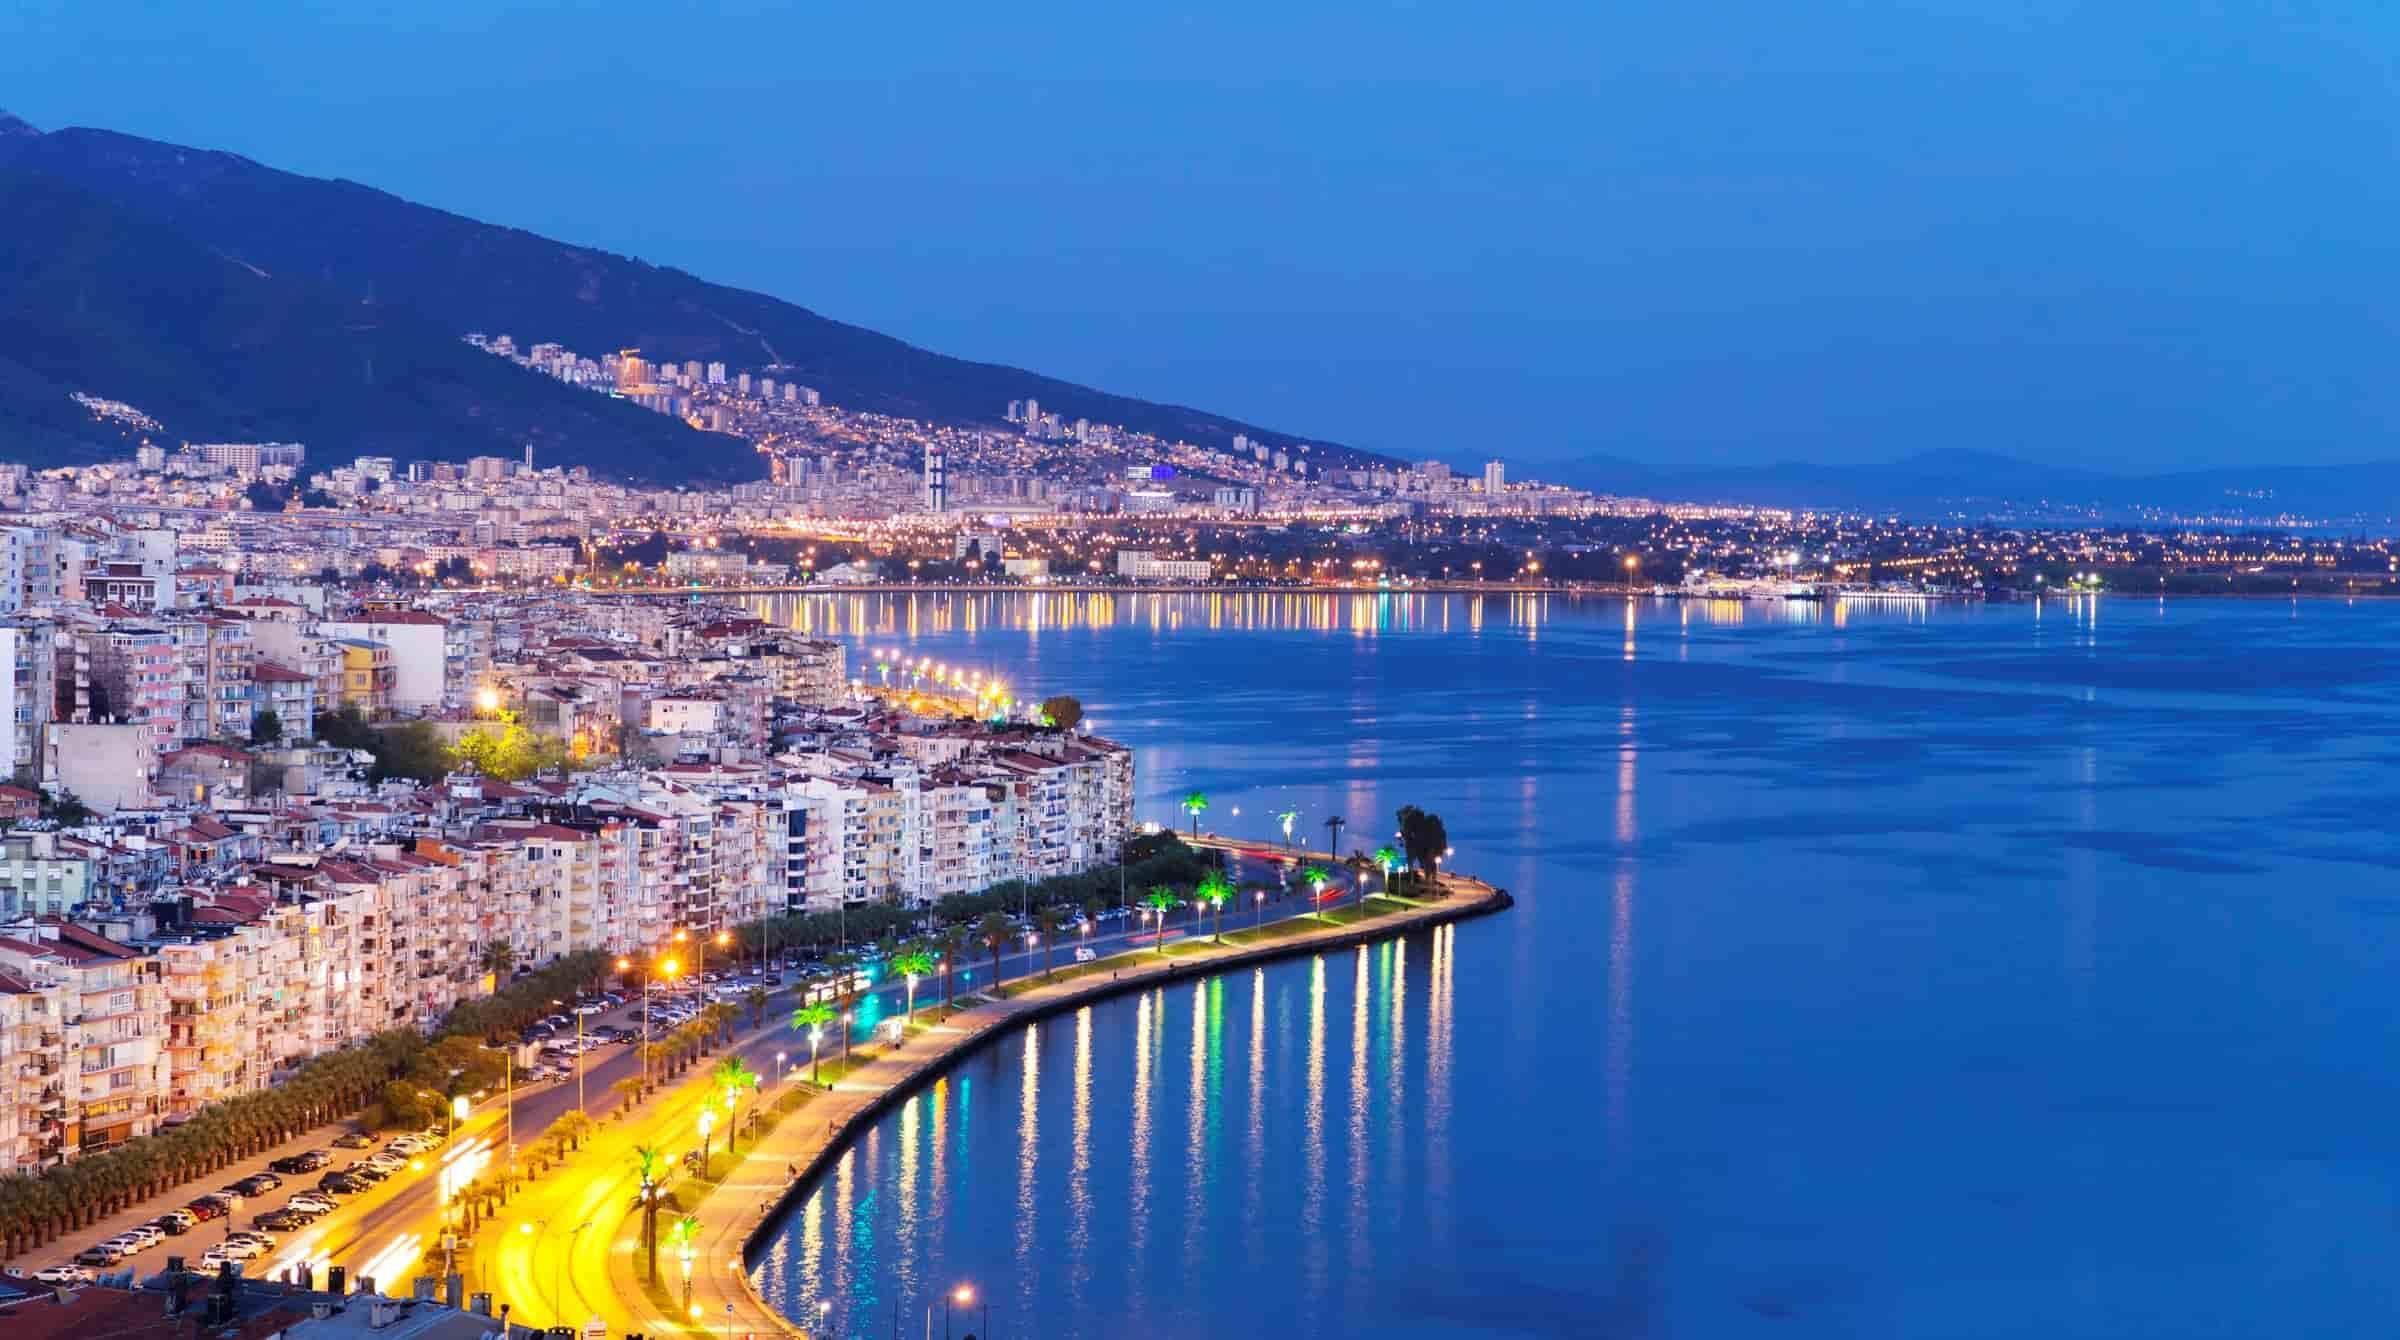 ازمیر از زیباترین شهرهای ترکیه